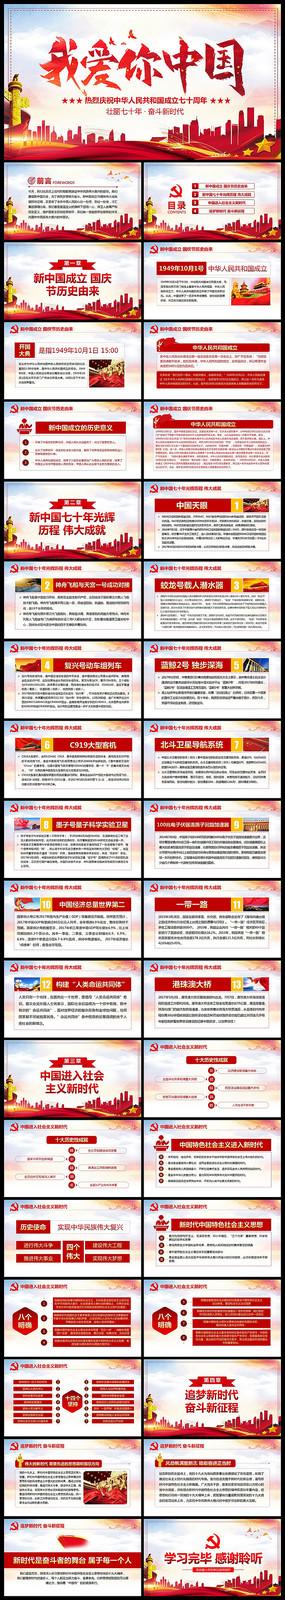 我爱你中国建国70周年十一国庆节PPT